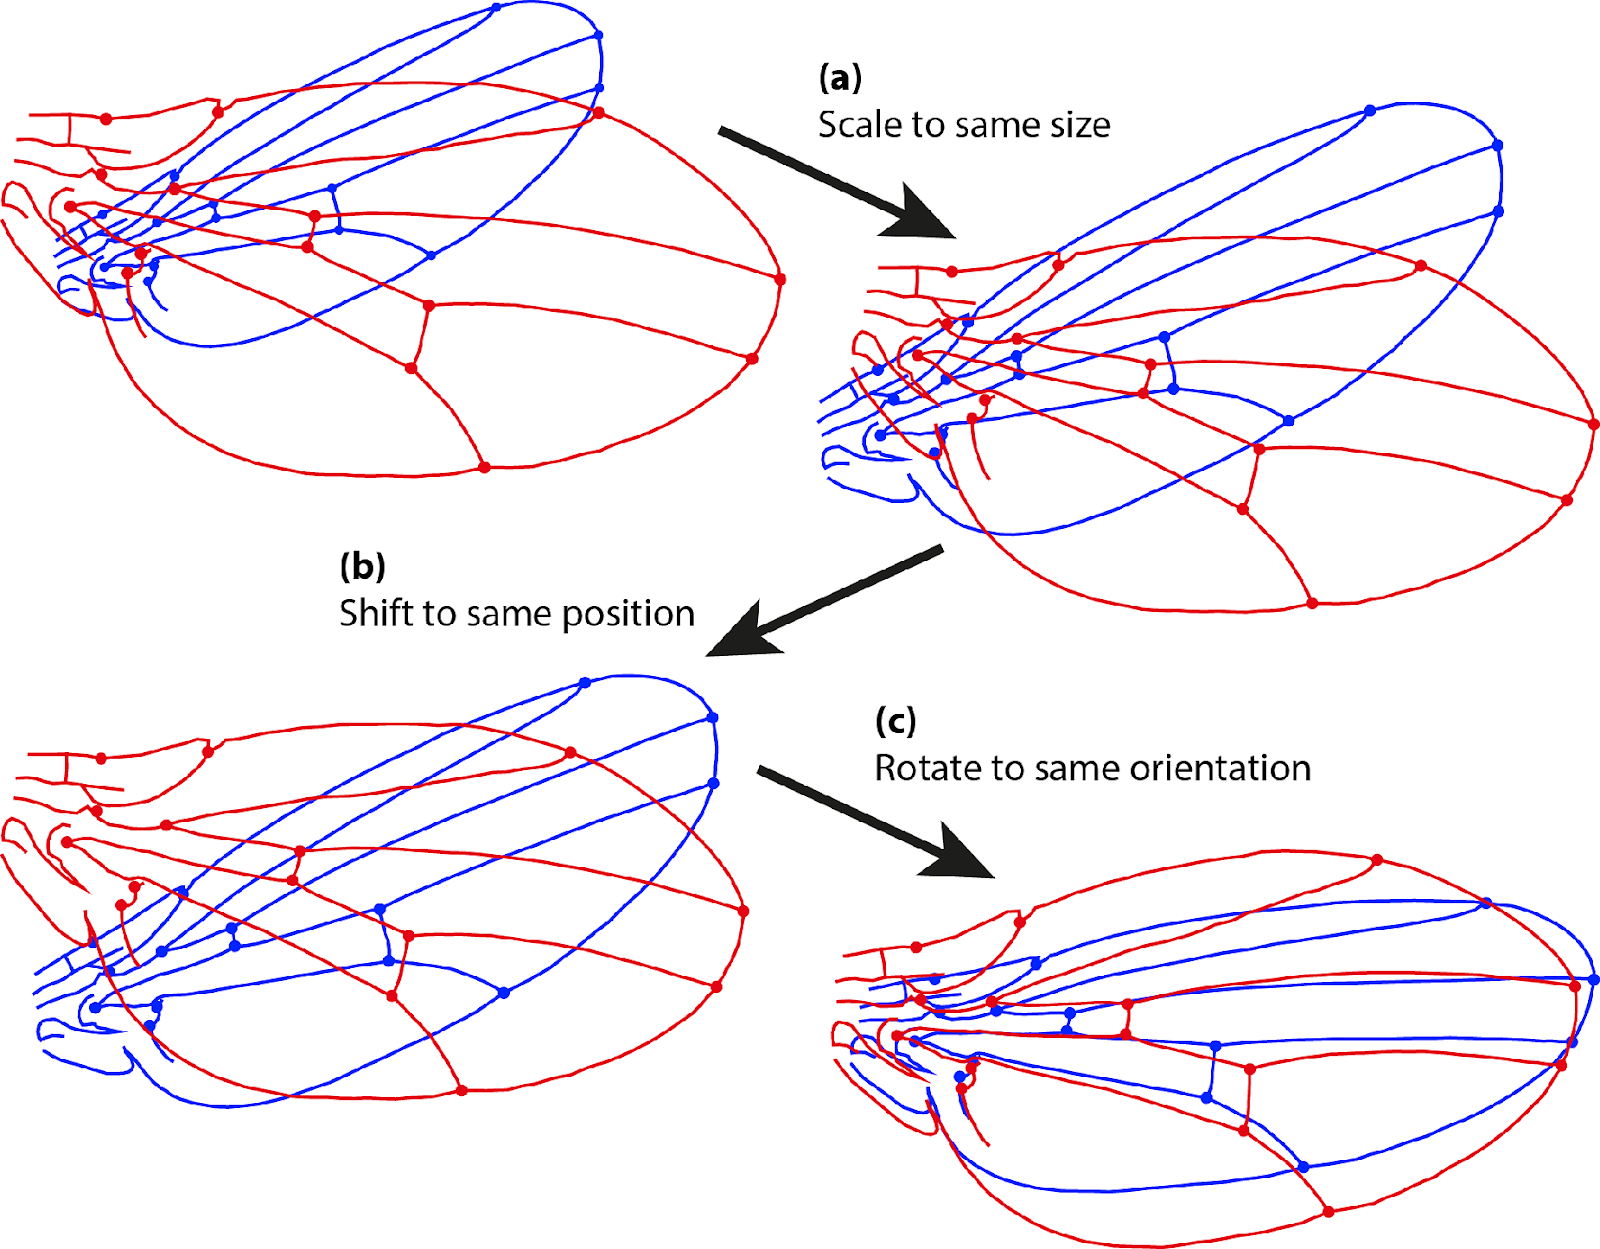 Шесть степеней свободы: 3D object detection и не только - 5